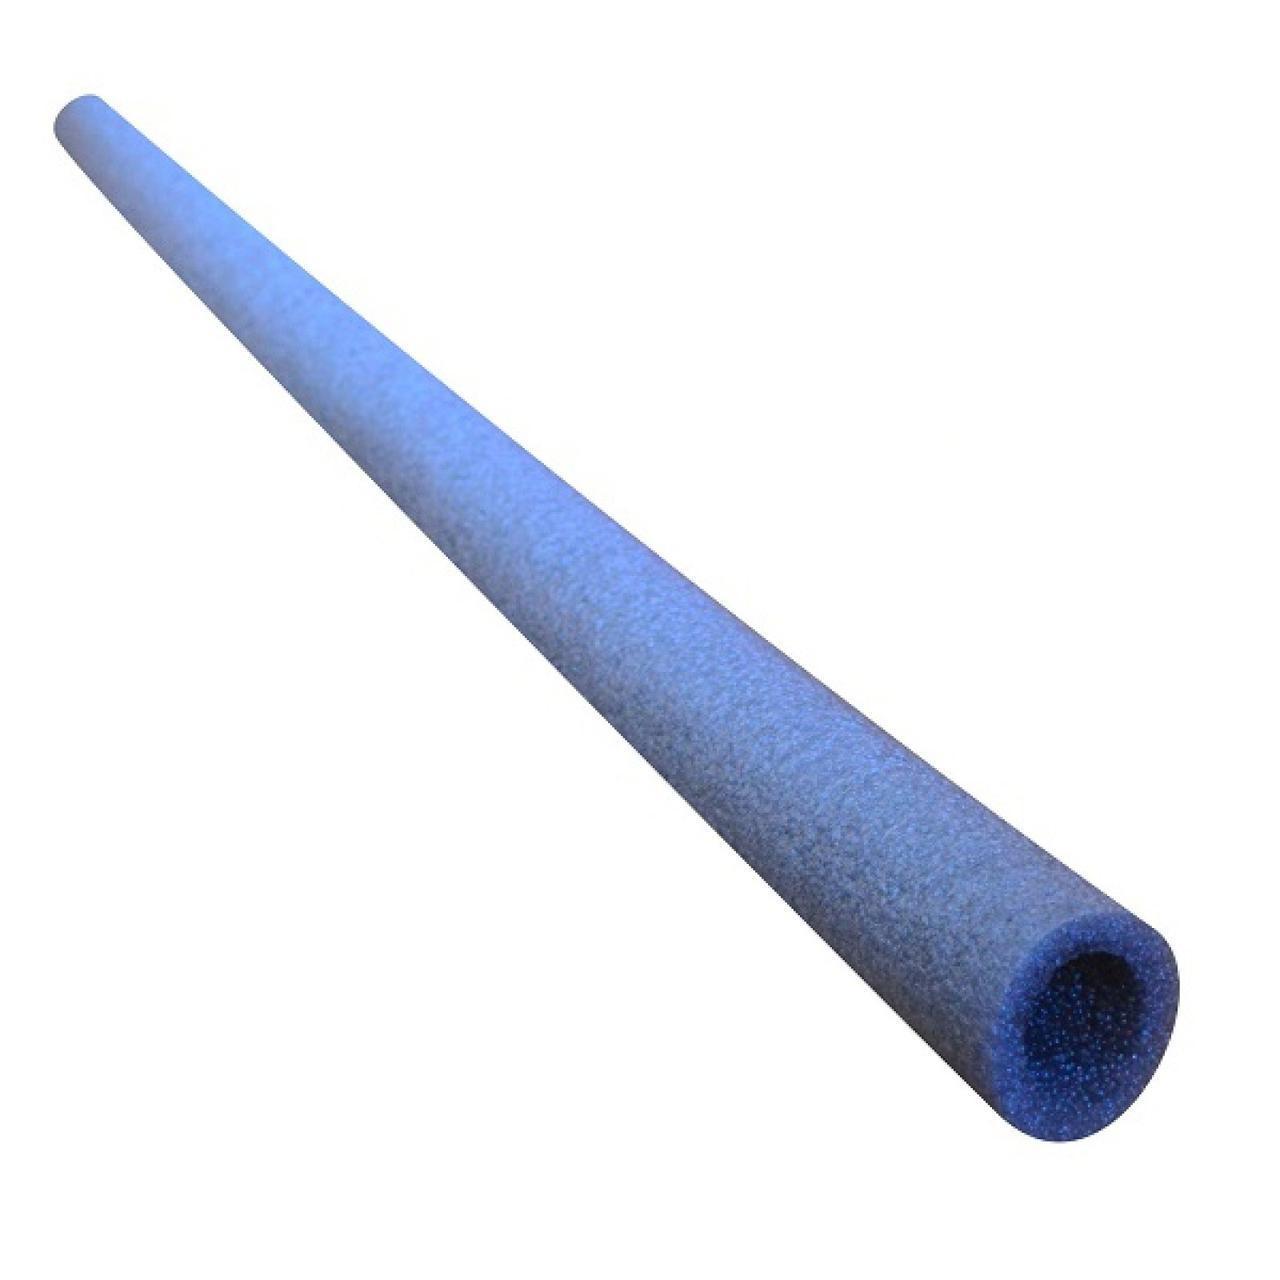 Теплоизоляция (изоляция) трубная из пенополиэтилена Isolon (35-6)